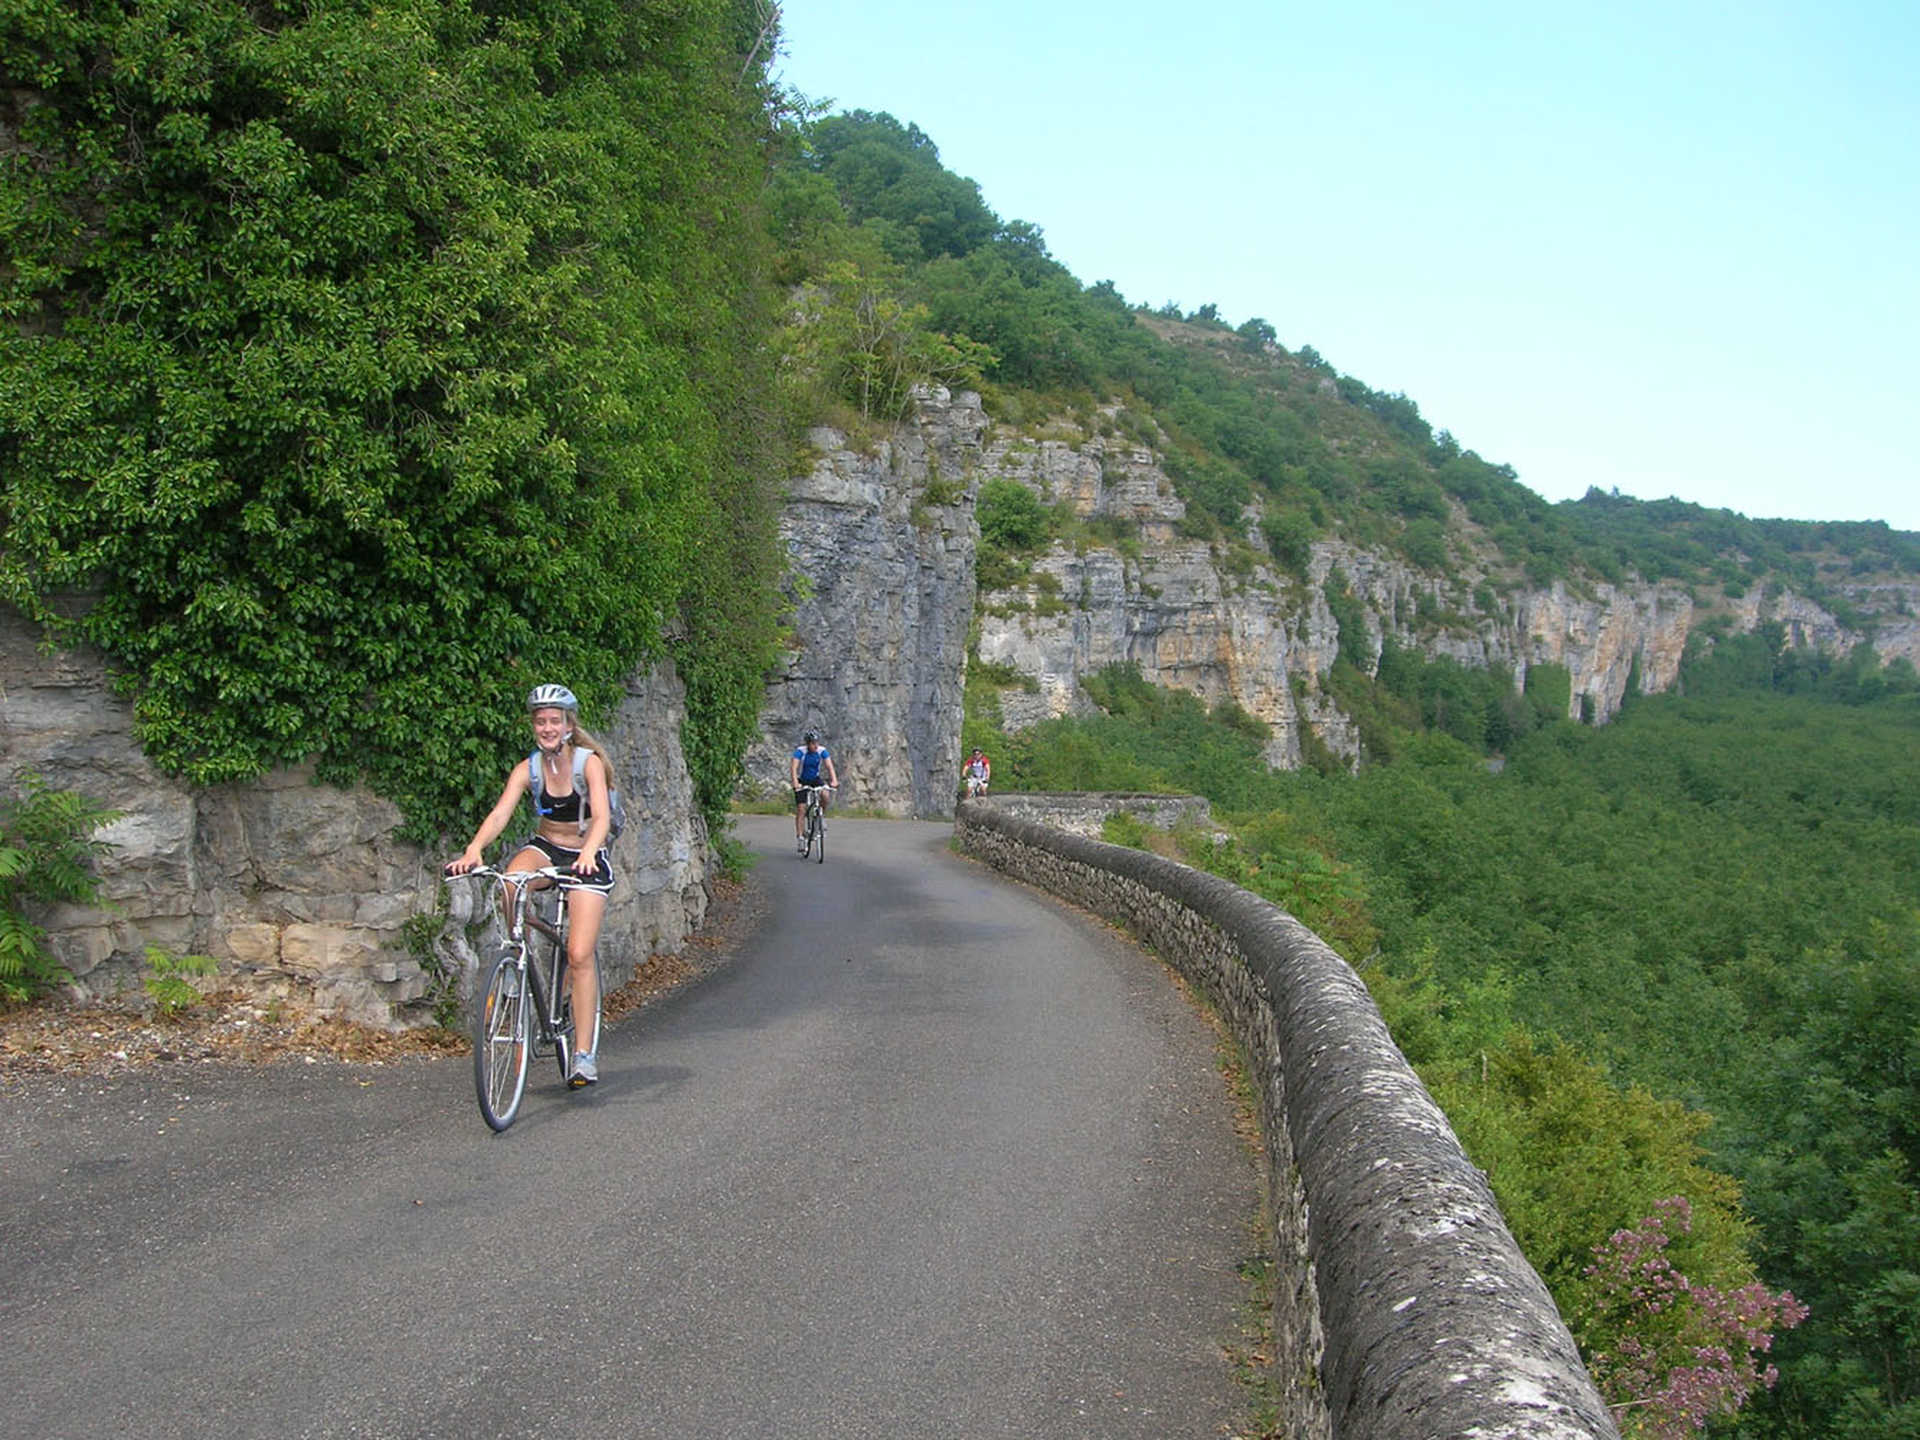 Cyclistes Périgord Sud-Ouest France